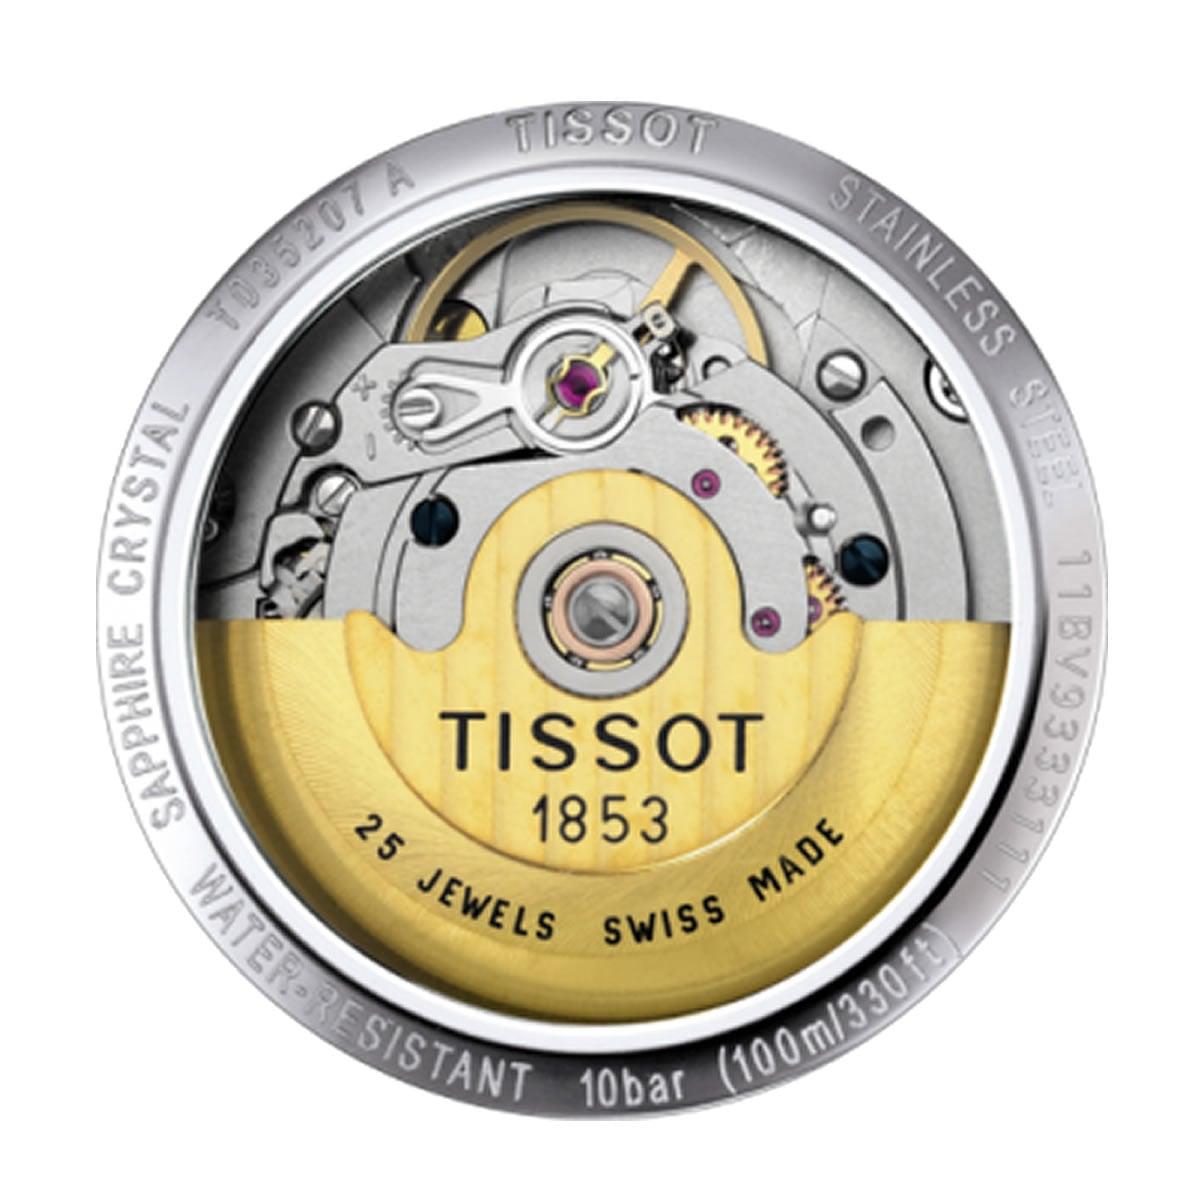 スイス製自動巻きムーブメントETA 2824-2 t0352071601100